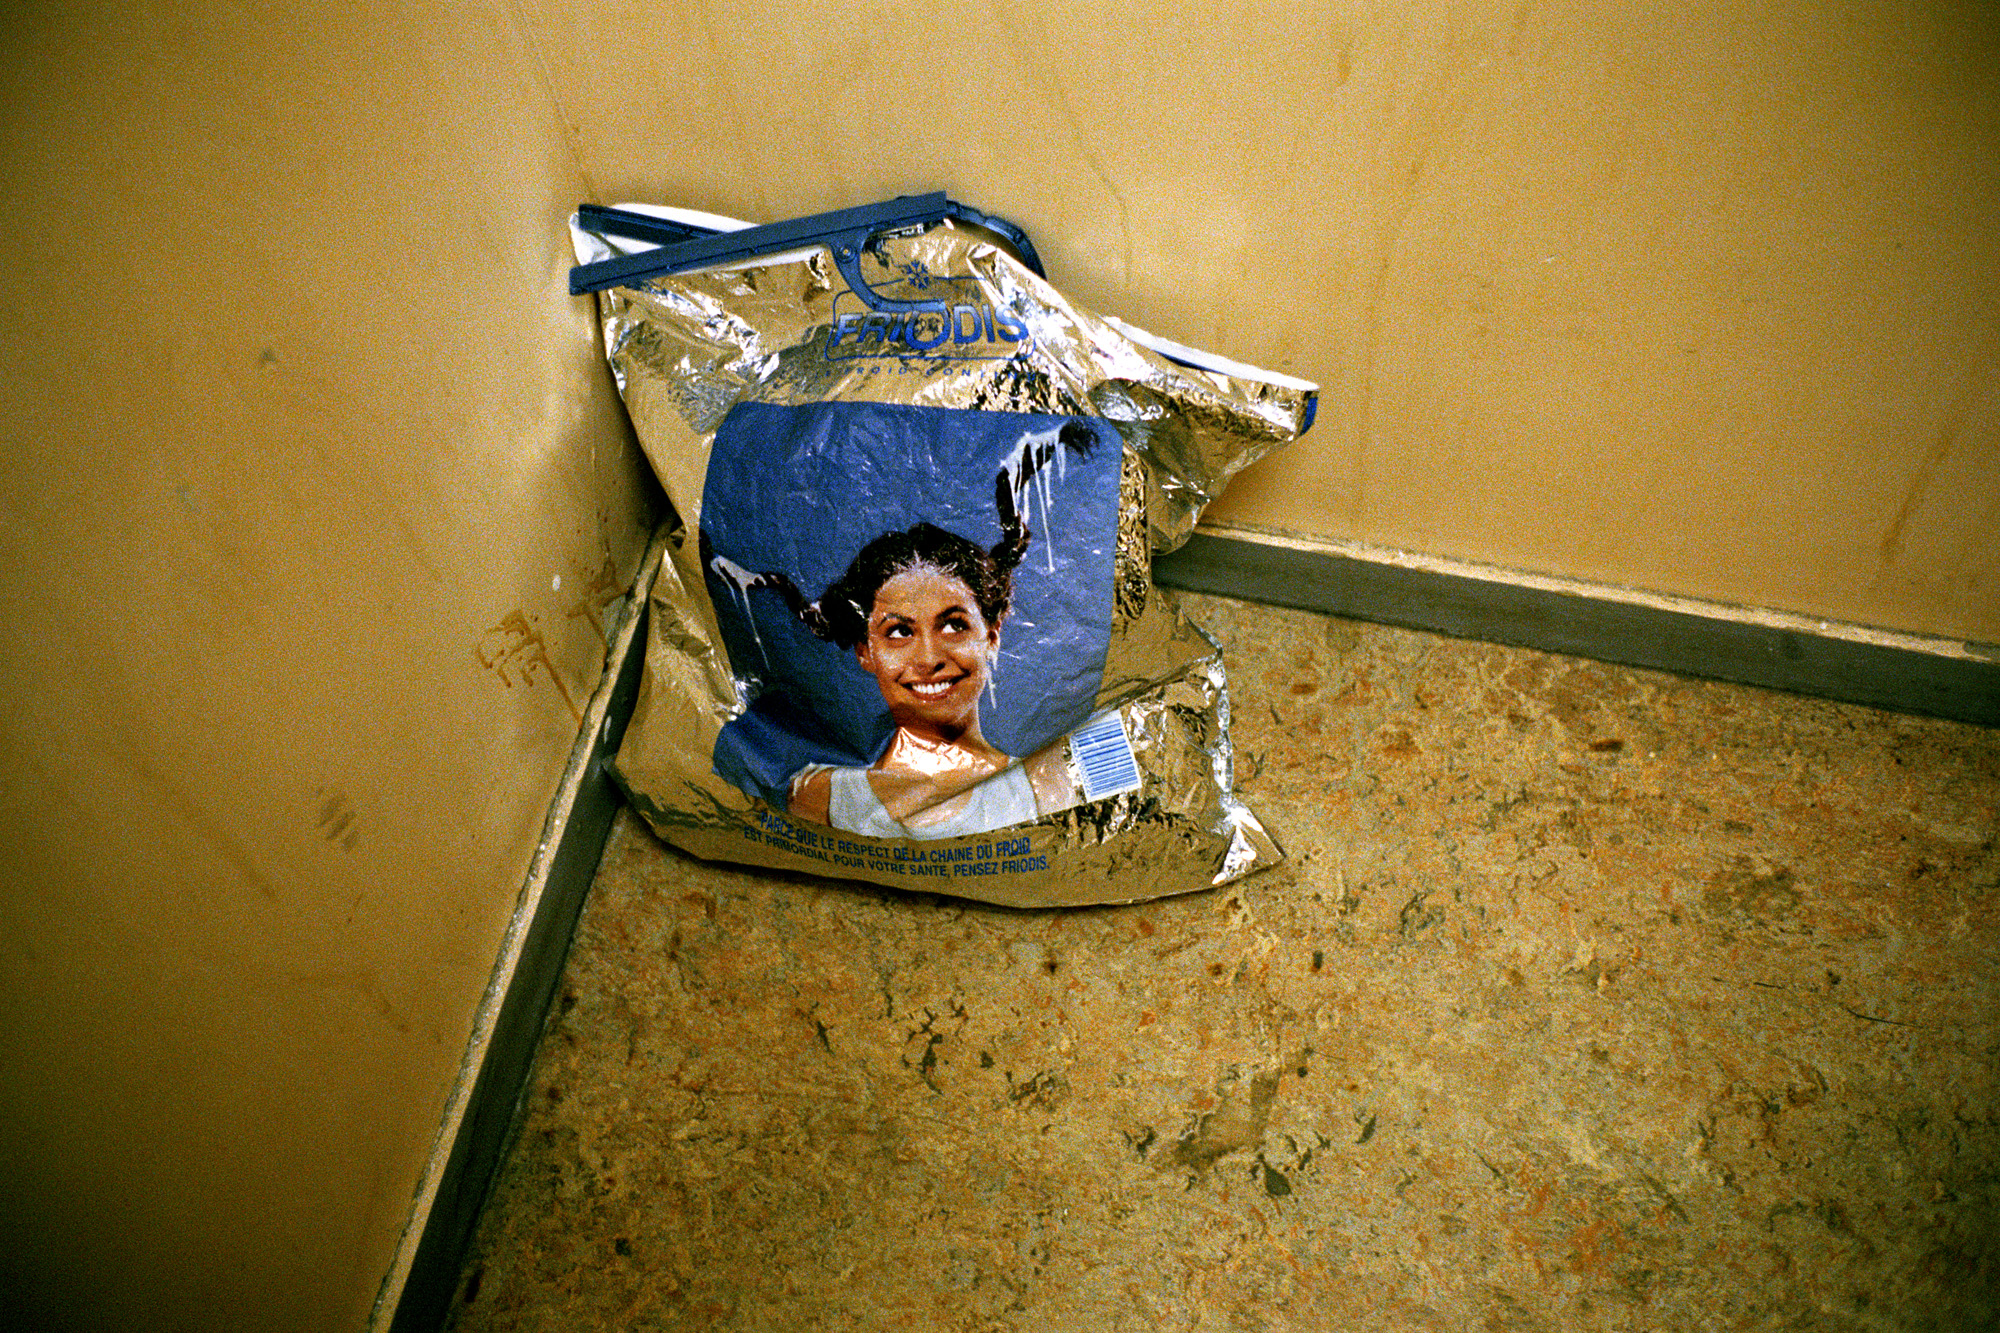 """Les femmes sont peu nombreuses dans le foyer, avec quelques enfants. Elles rasent les murs dans les couloirs où les rencontres ne sont pas forcément les meilleures. On essaye de les regrouper aux étages les plus calmes, mais la peur est là.  Extrait du webdocumentaire   """" Adoma, vers la maison ? """"  , séléctionné au festival Visa Pour l'Image 2009."""